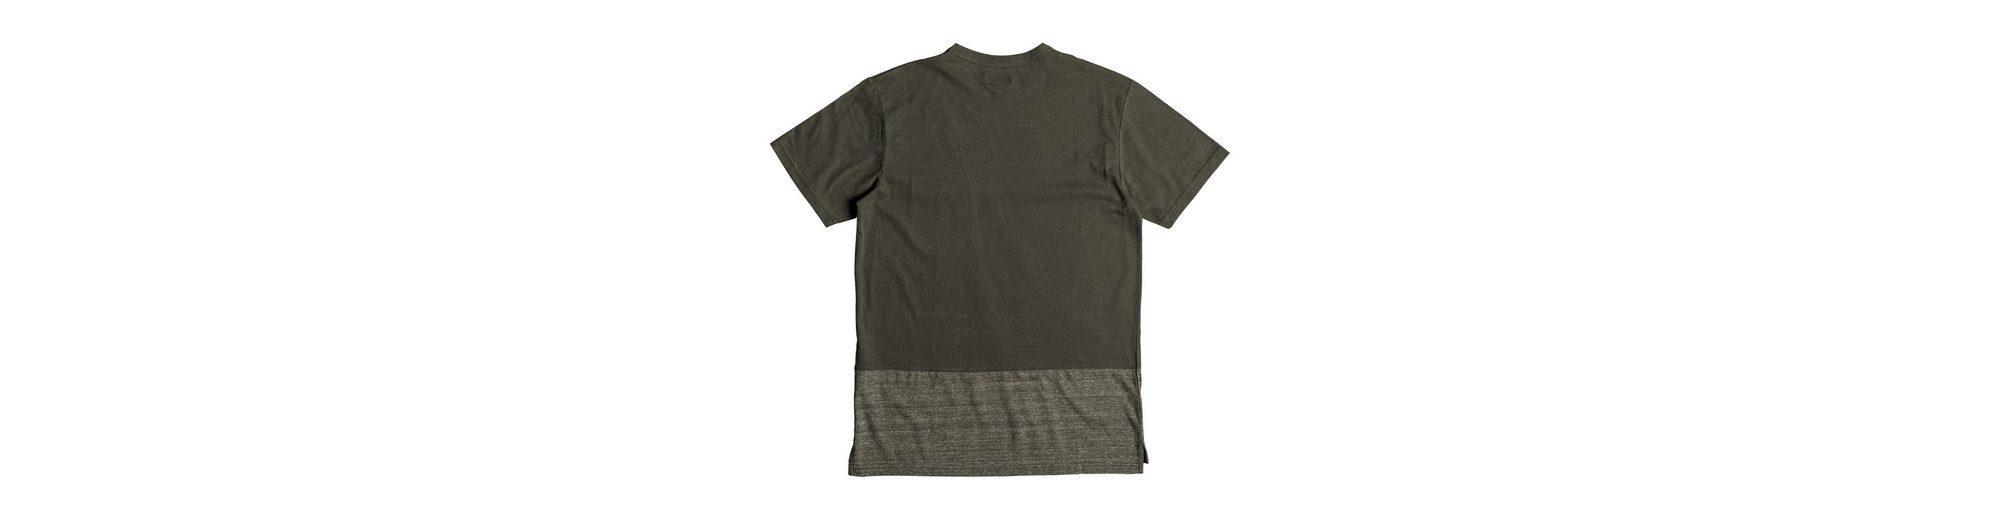 DC Shoes Pocket-T-Shirt Enderlin - Pocket-T-Shirt Outlet Factory Outlet Original-Verkauf 05Luy6